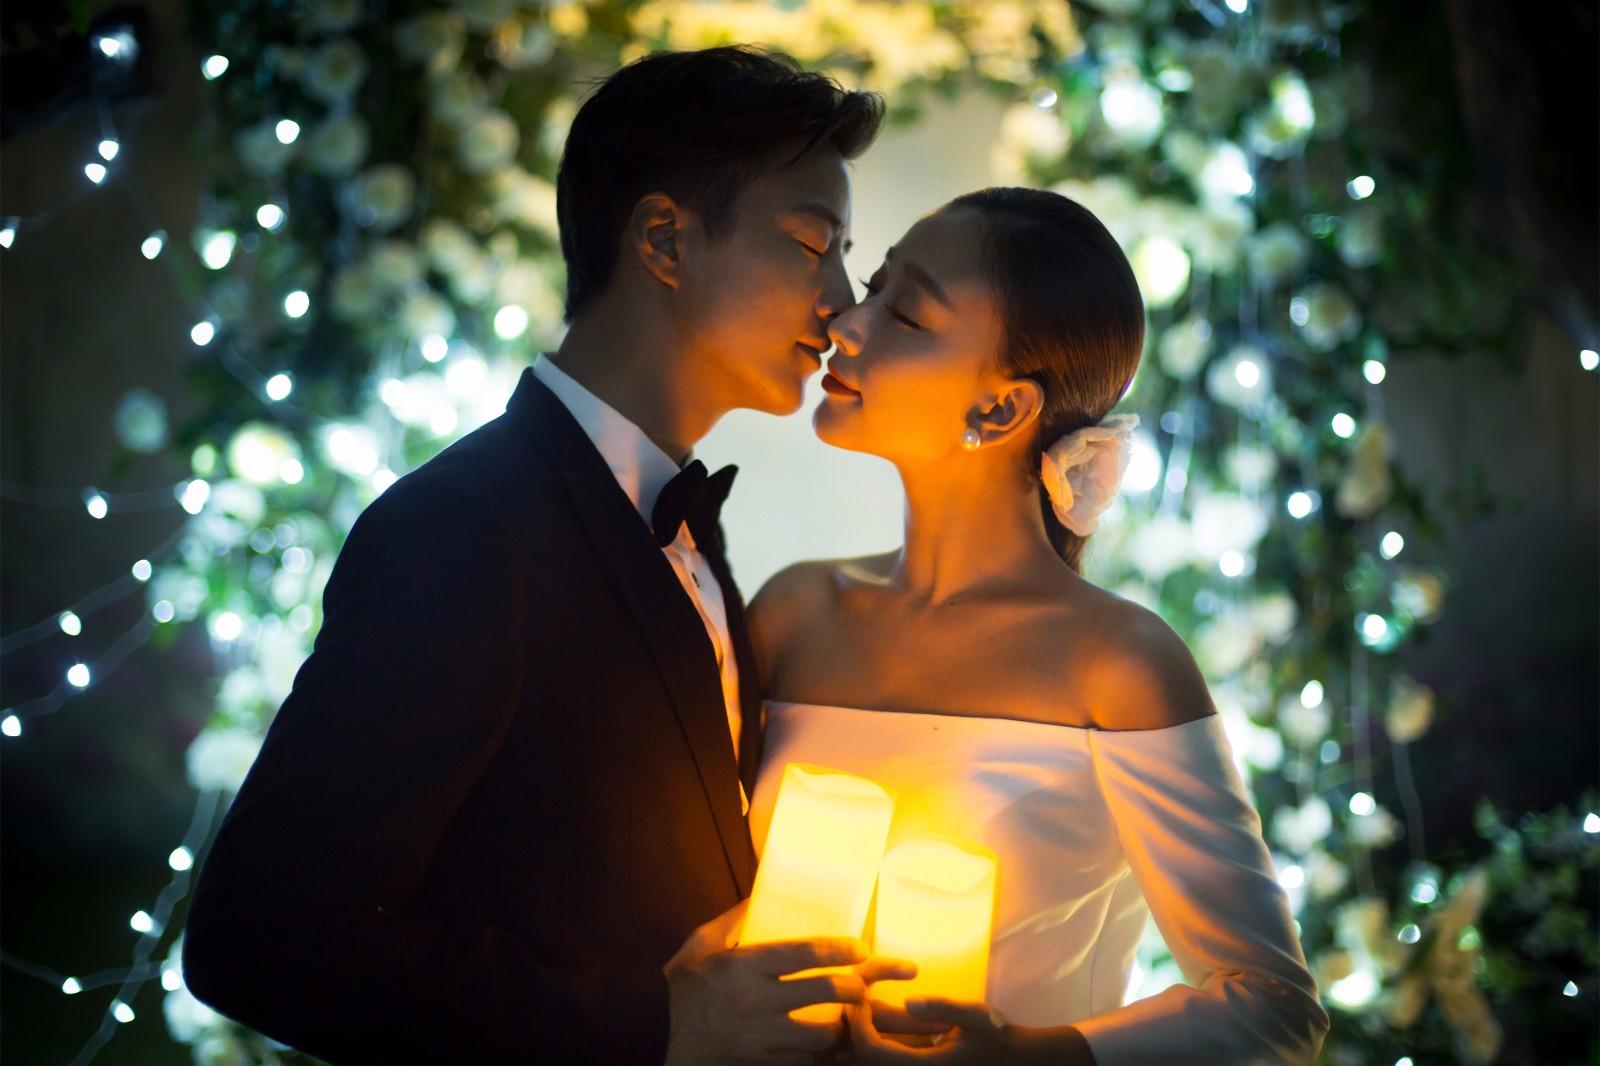 旅行结婚,成为了现在年轻人的一种结婚方式